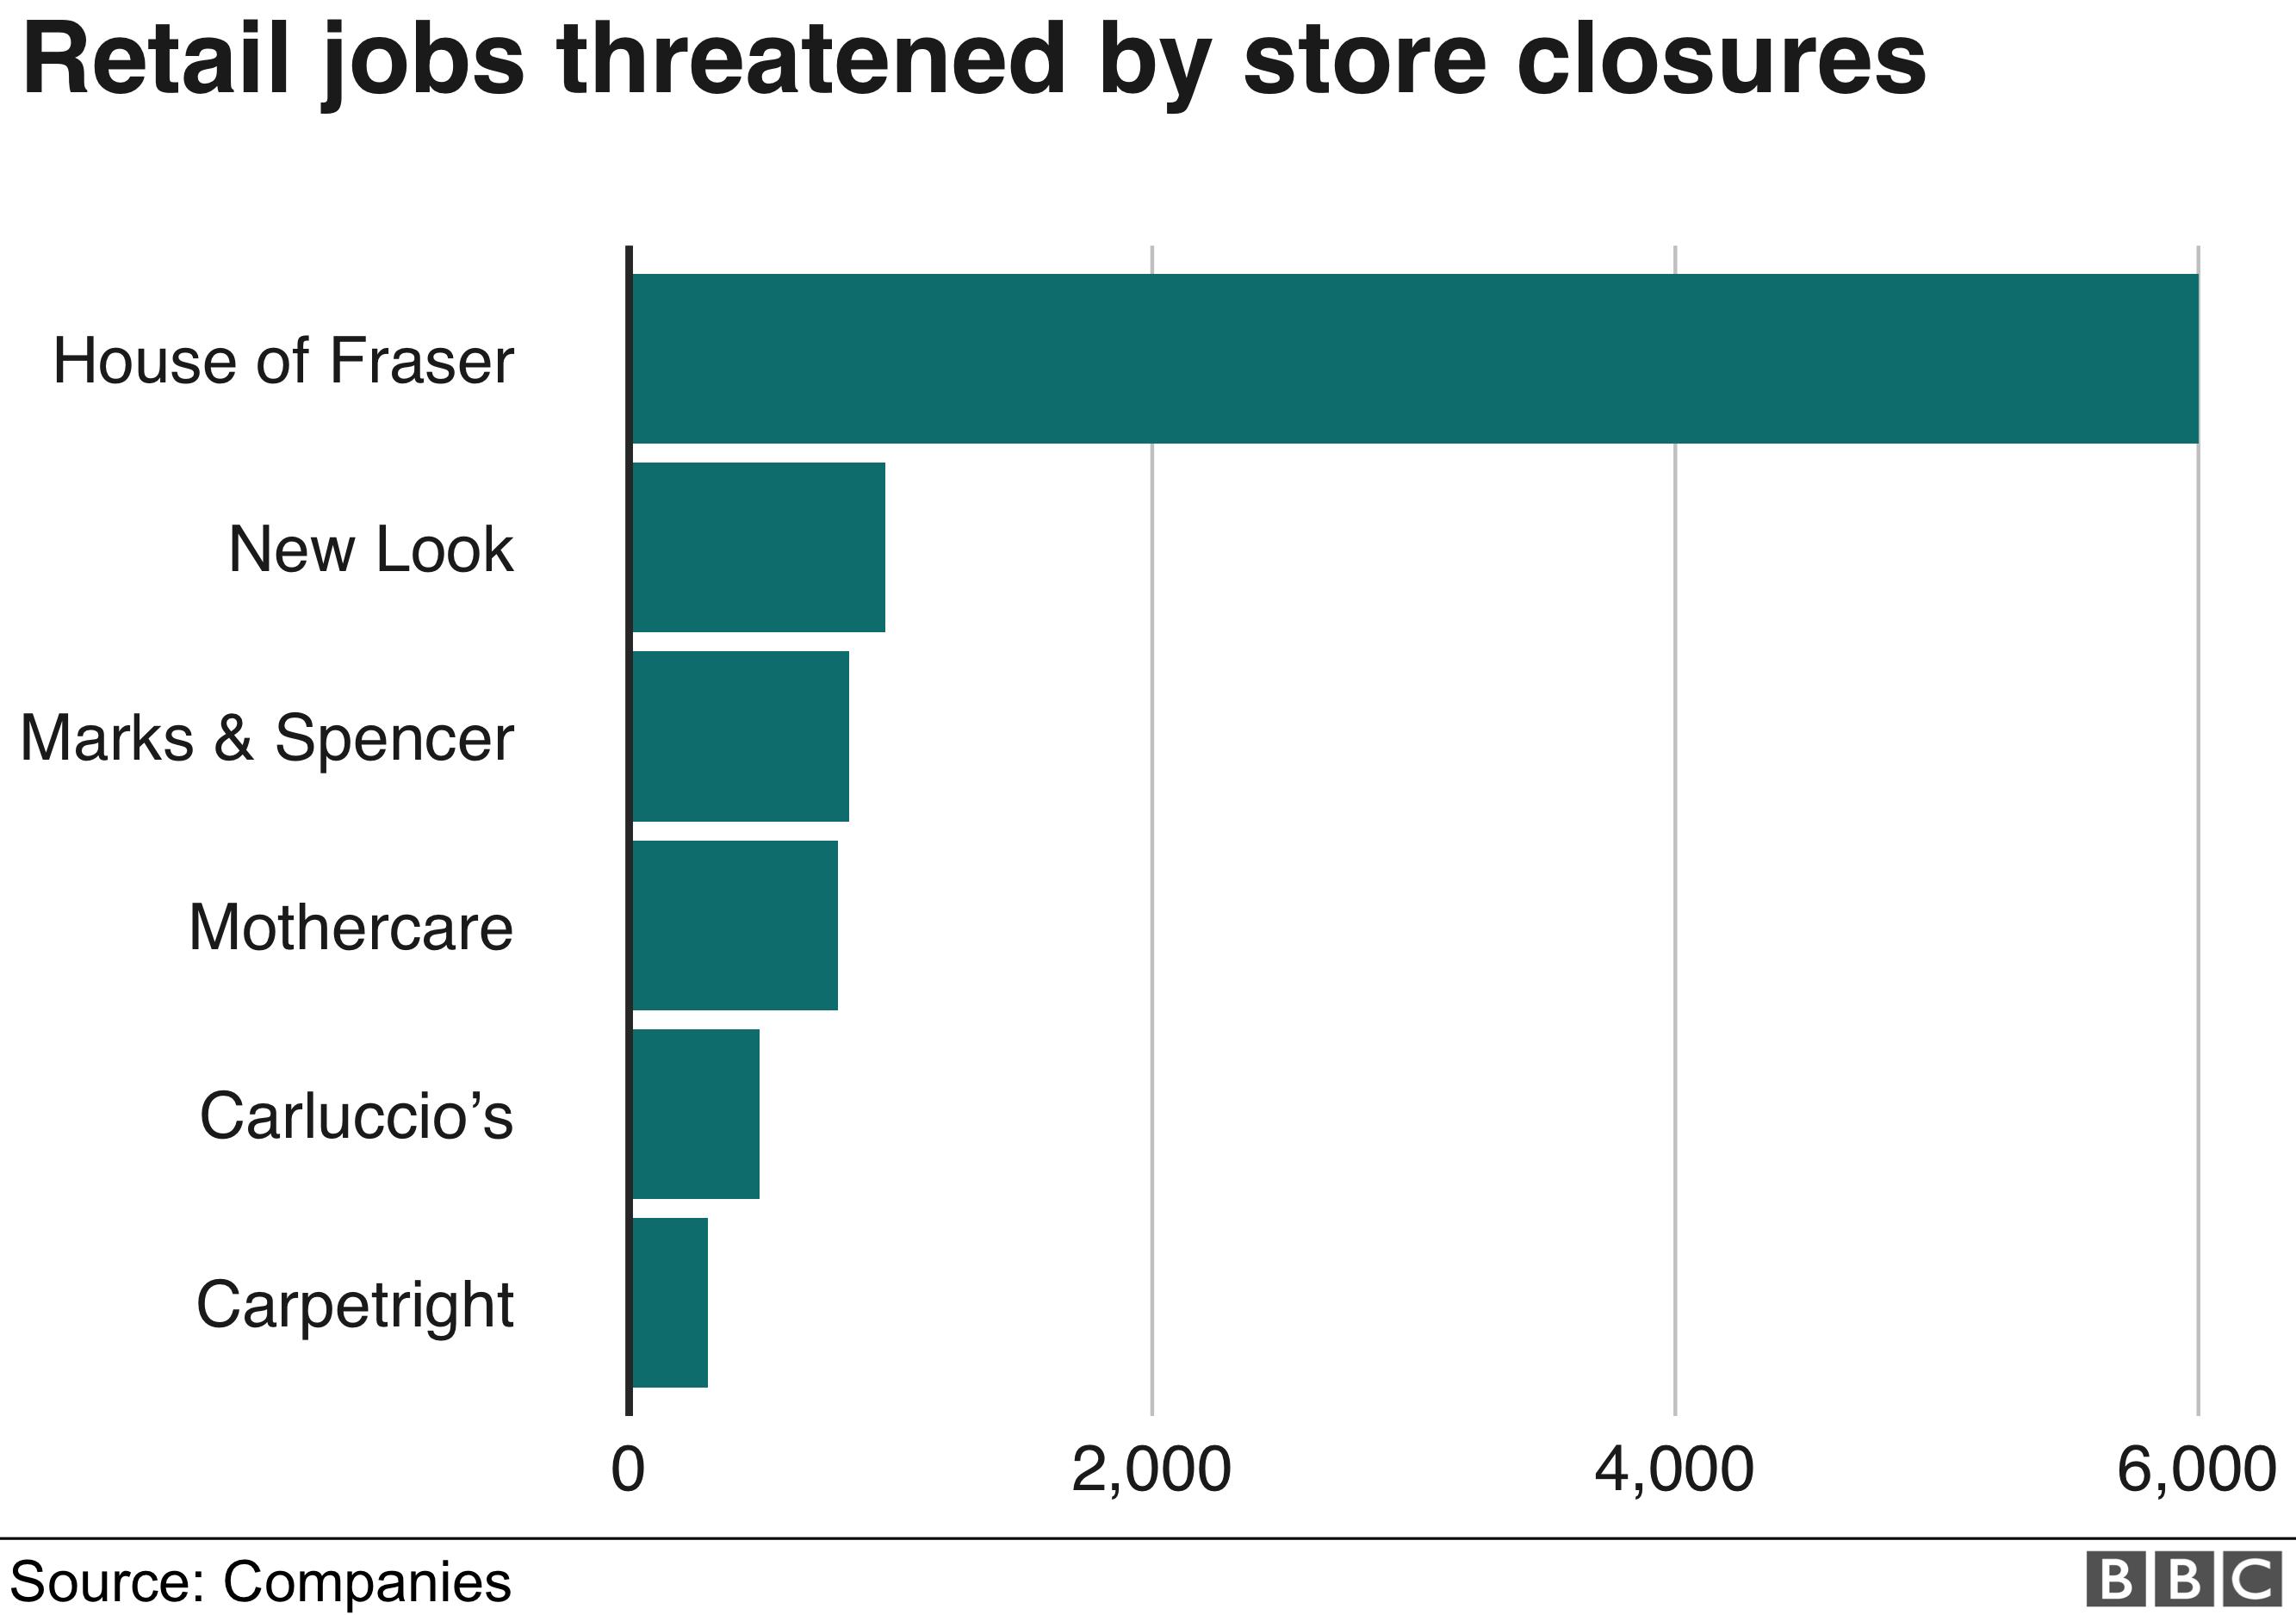 Jobs at risk